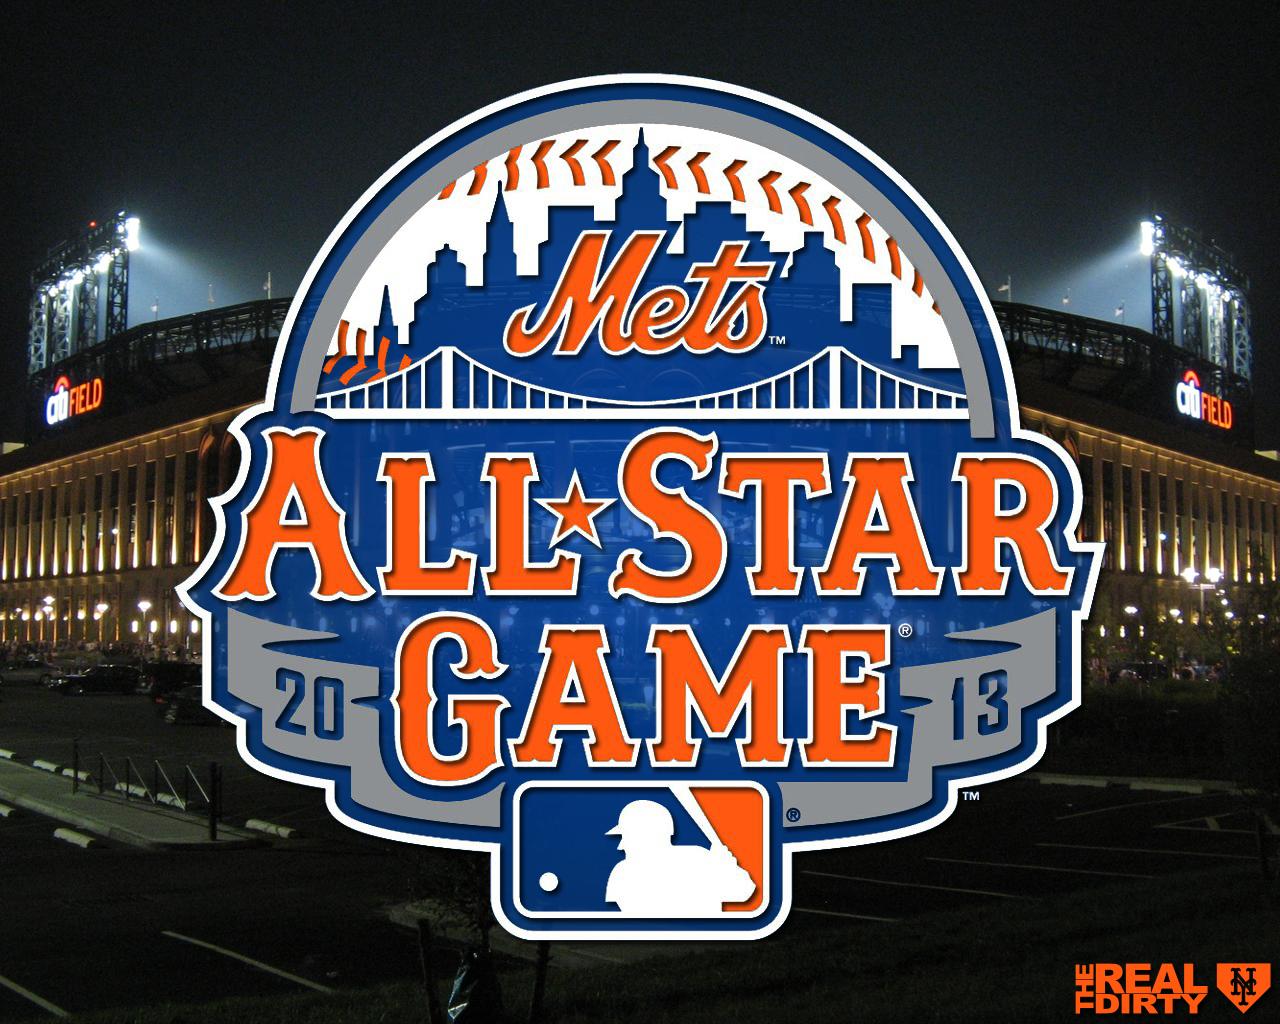 Fondos de pantalla de New York Mets Wallpapers de New York Mets 1280x1024